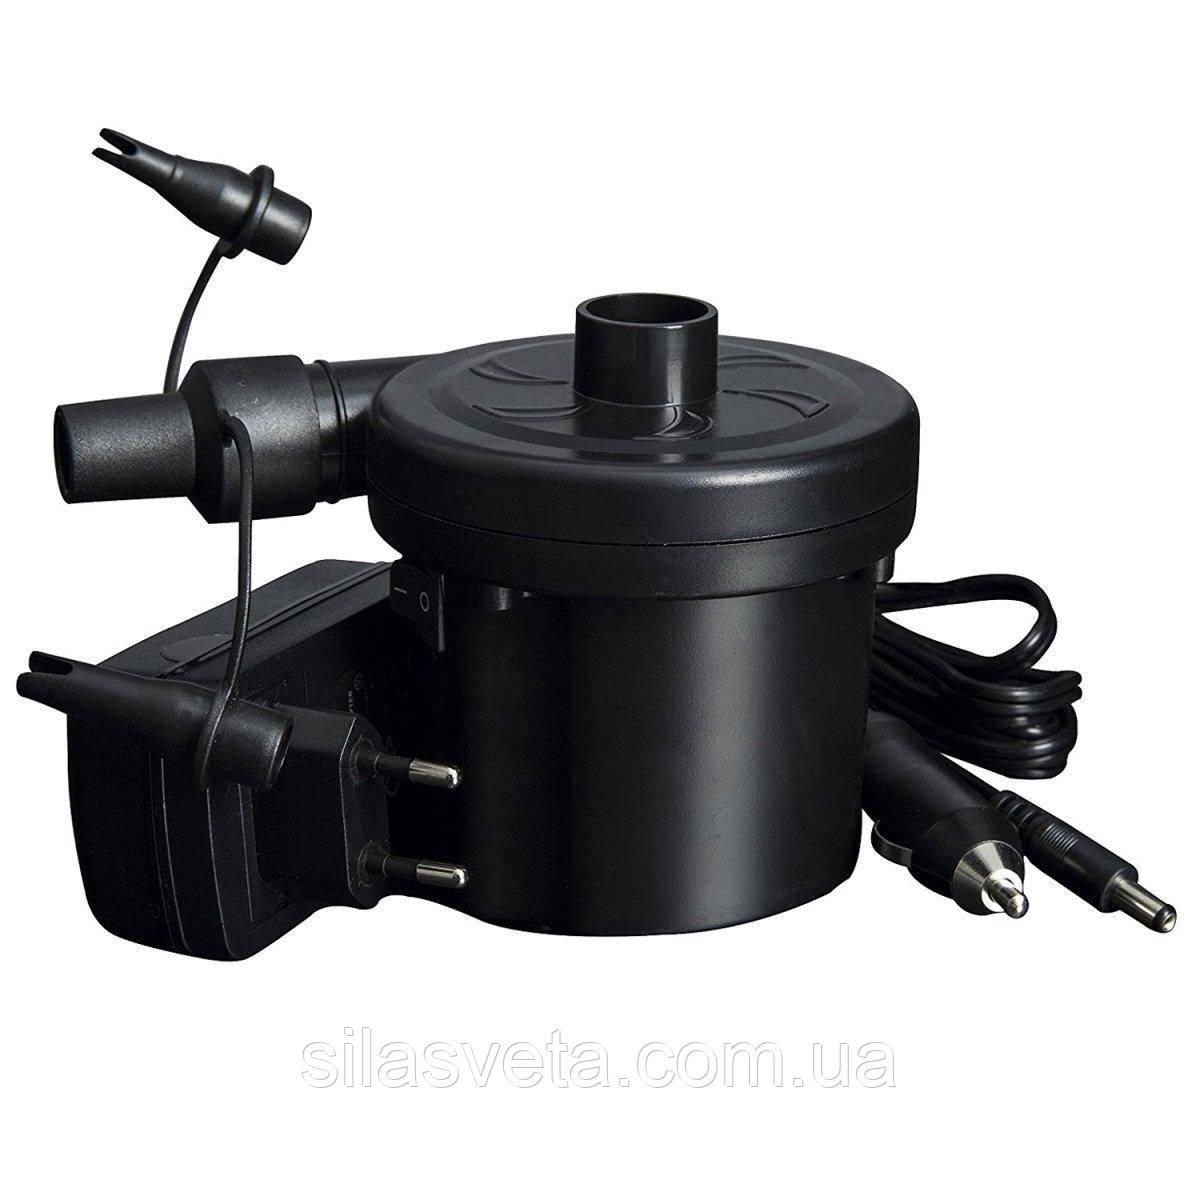 Универсальный насос Bestway с тремя насадками 62076 с сетевым адаптером и шнуром 12V (прикуриватель)